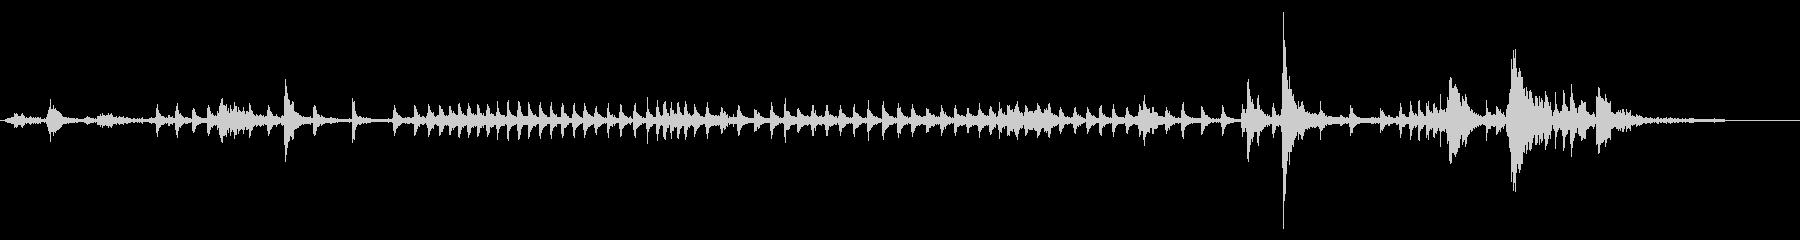 ヴィンテージナショナルキャッシュレ...の未再生の波形